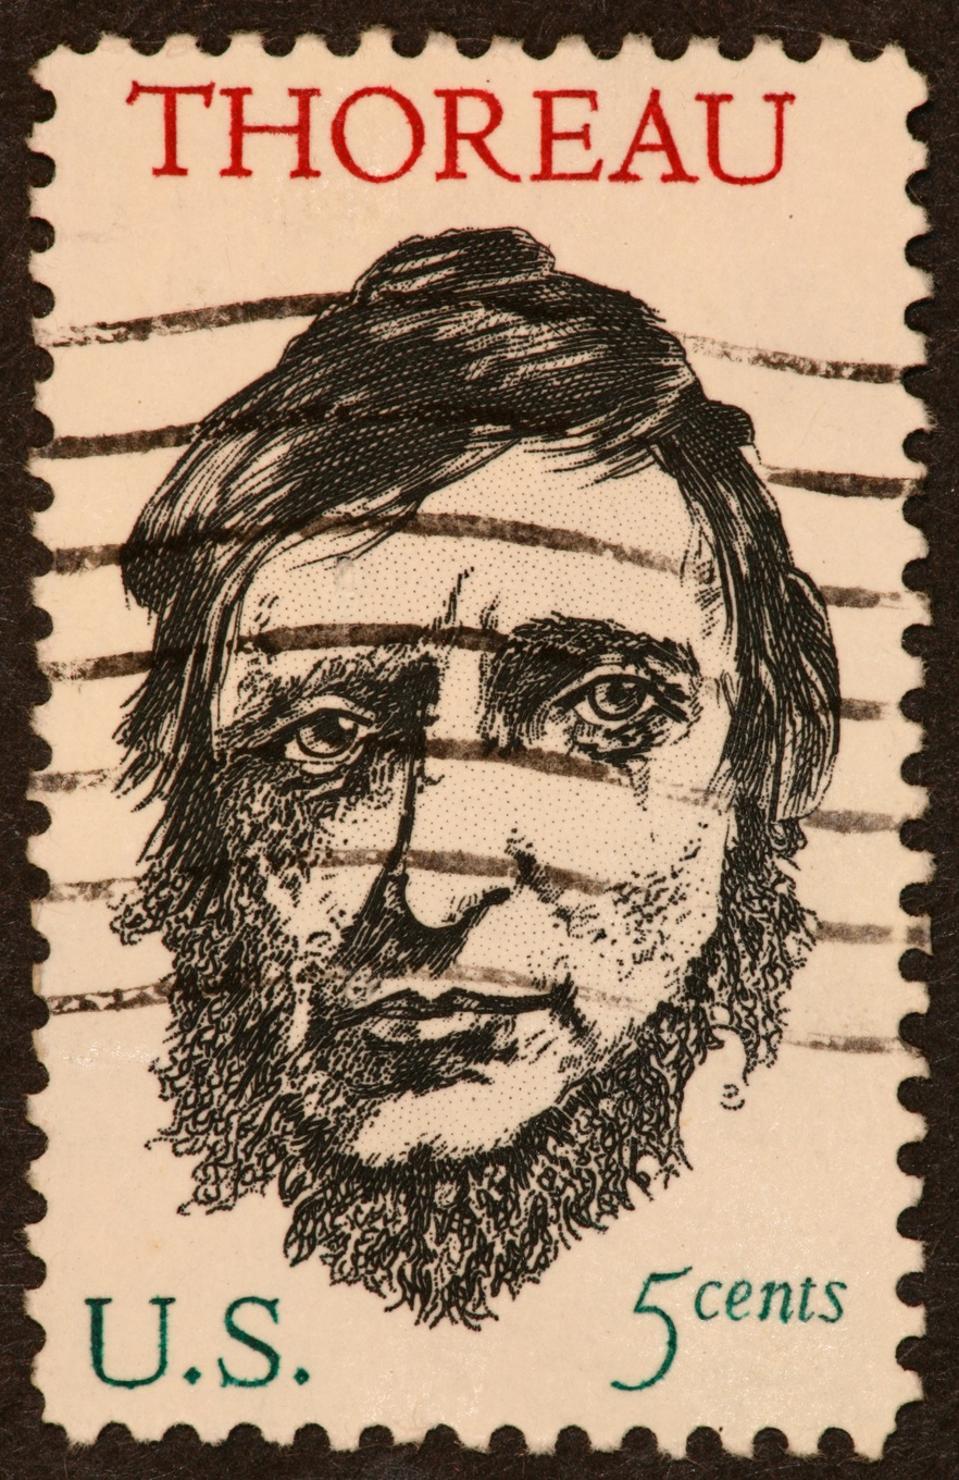 Thoreau stamp 1960's